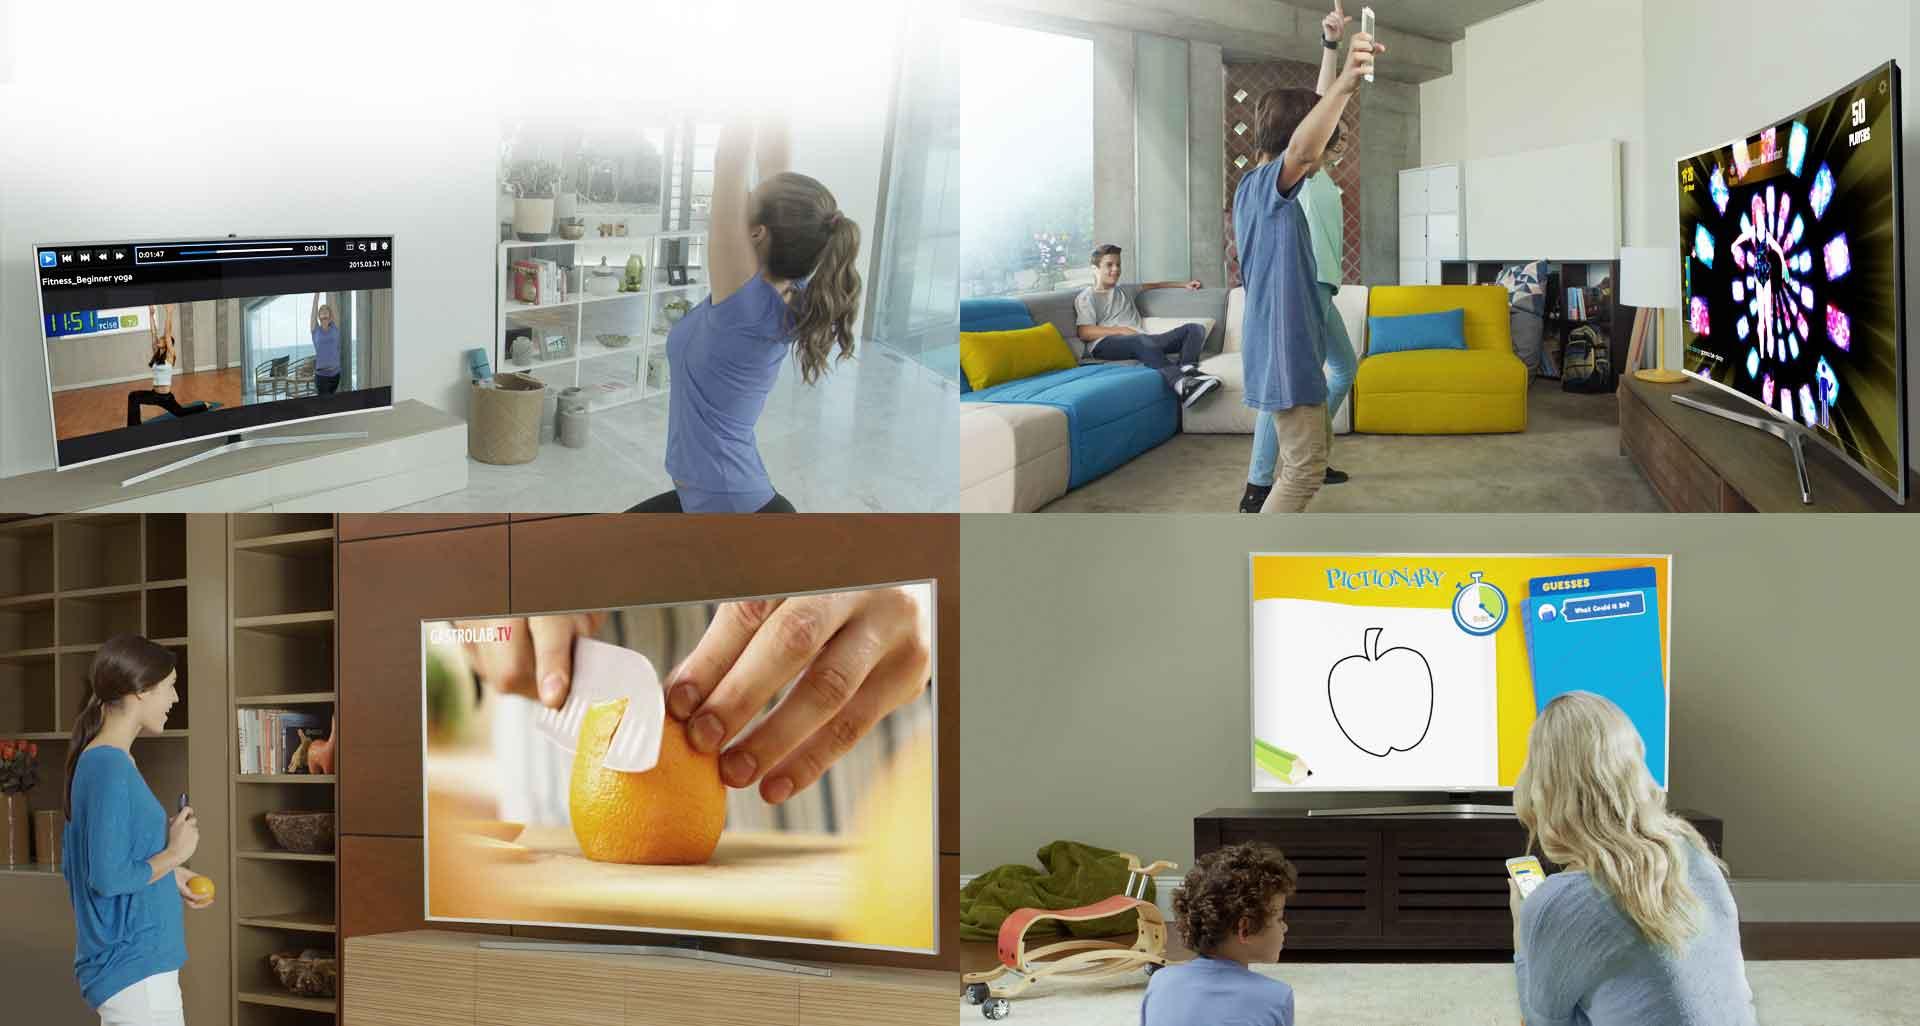 Přizpůsobte televizi svému stylu